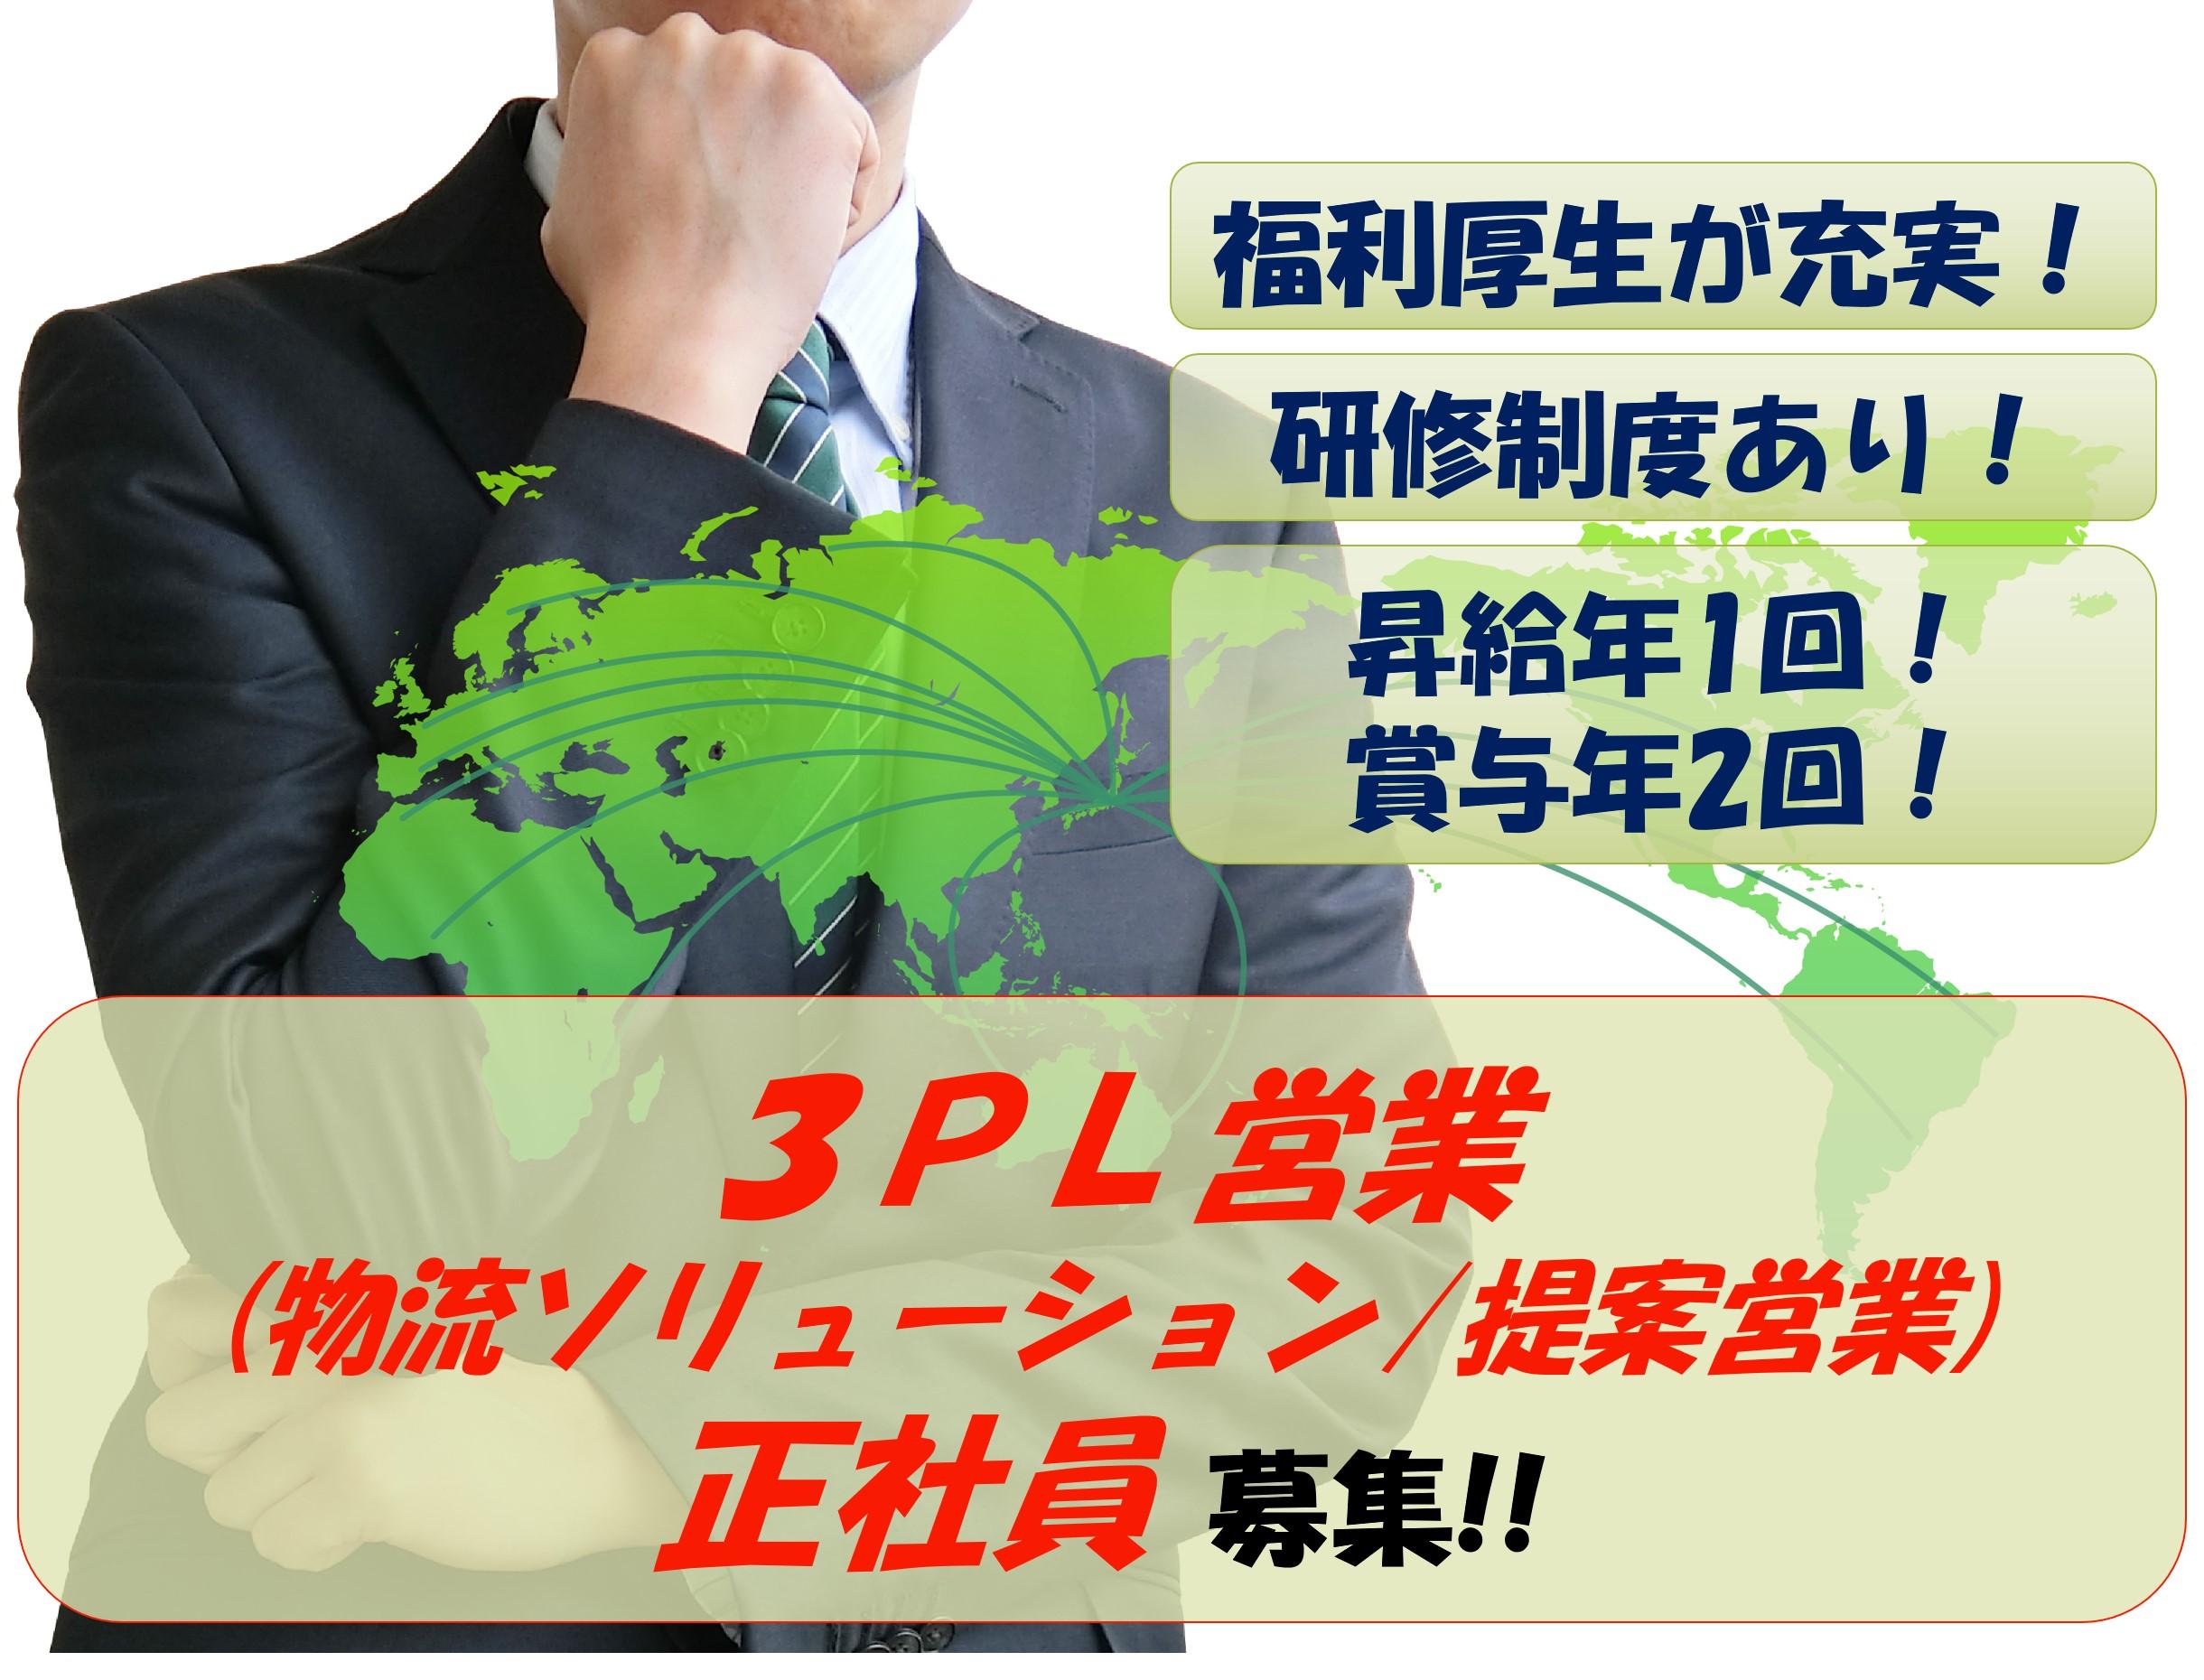 【即面談可能】土日祝休み!キャリアアップ目指せる!3PL営業職 イメージ